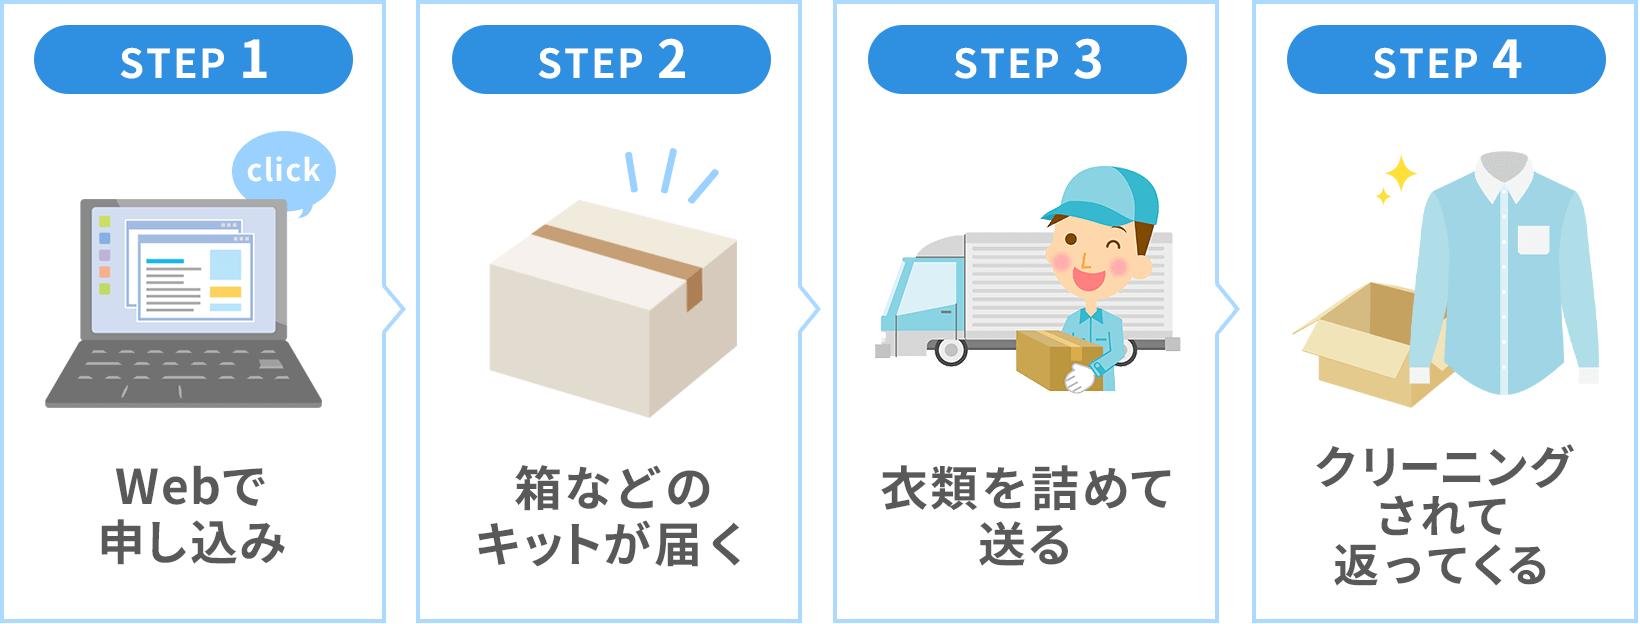 宅配クリーニングとは、webで申し込むと箱が届き、衣類を詰めて送るとクリーニングされて返ってくるサービス